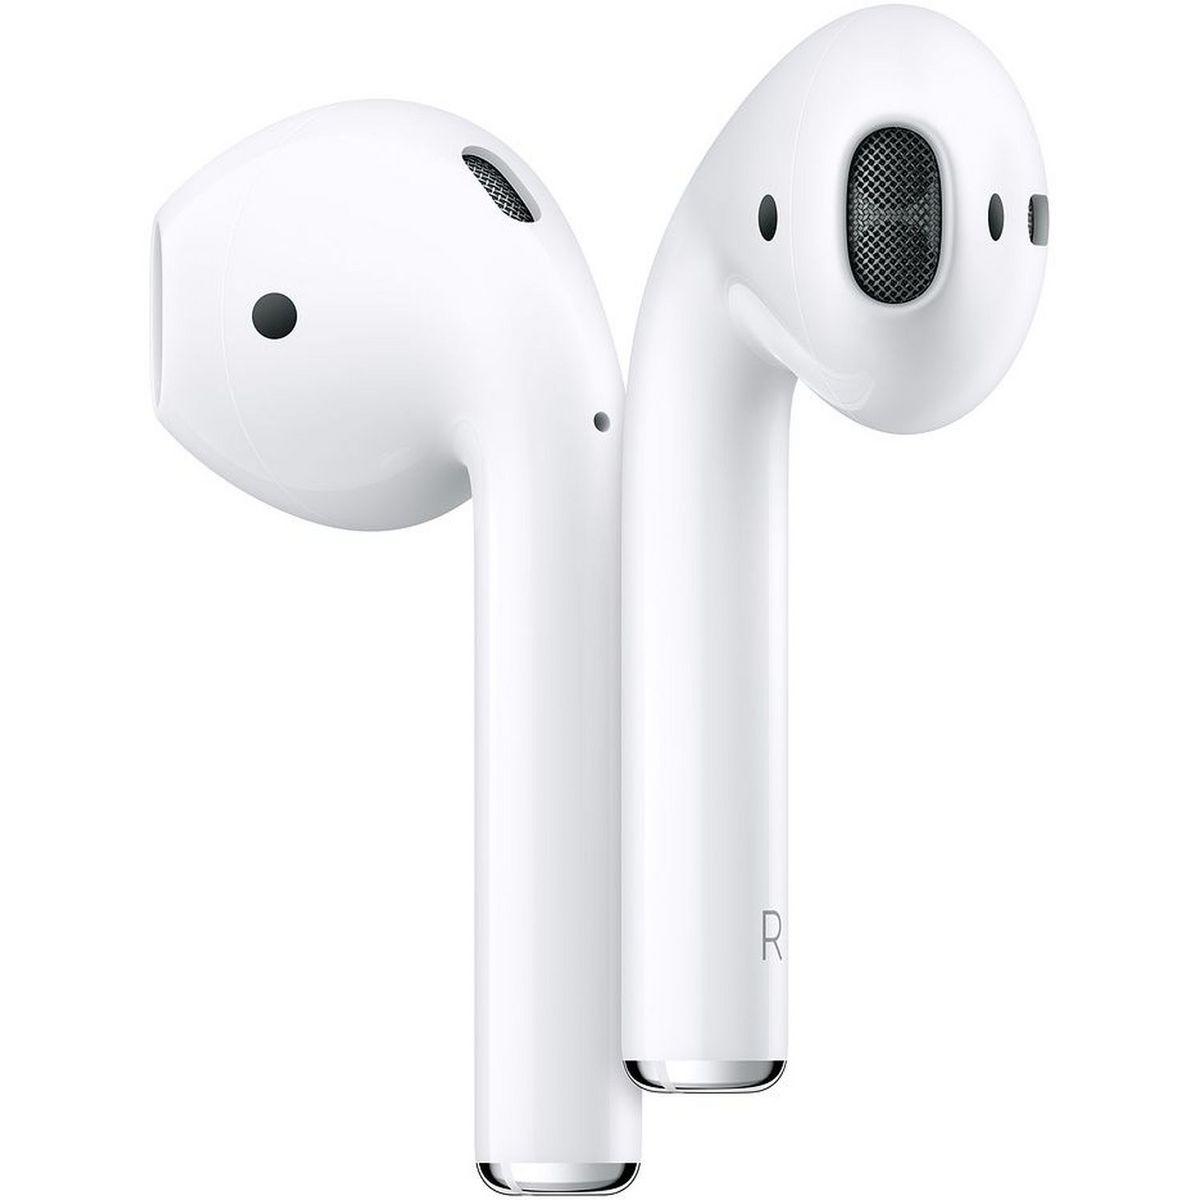 Ecouteurs sans fil AIRPODS 2 + Etui de charge - Bluetooth - Blanc